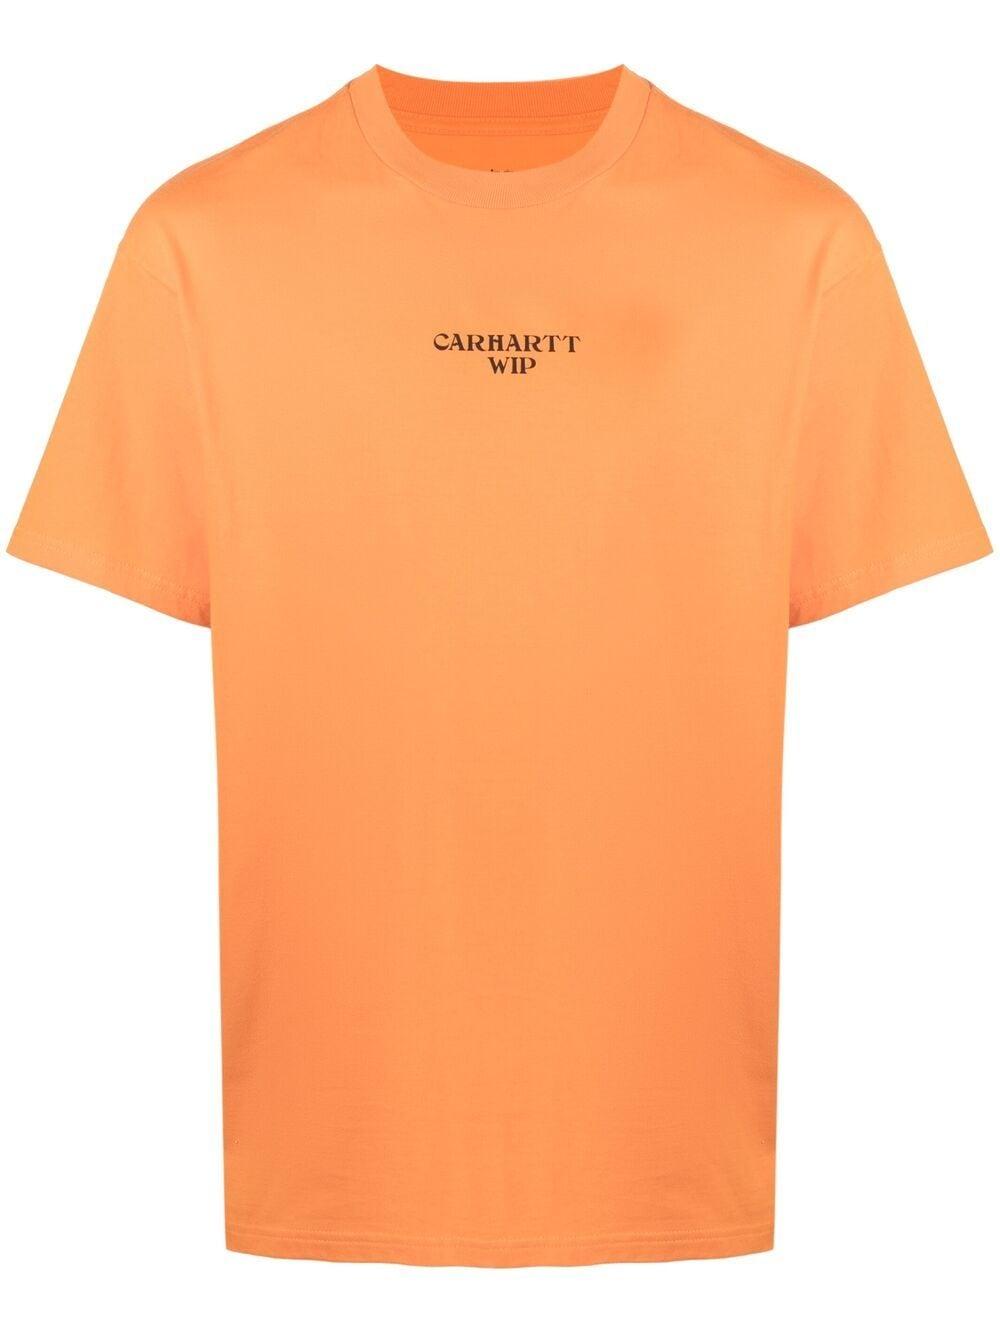 panic t-shirt man orange in cotton CARHARTT WIP | T-shirts | I0290350AN.90